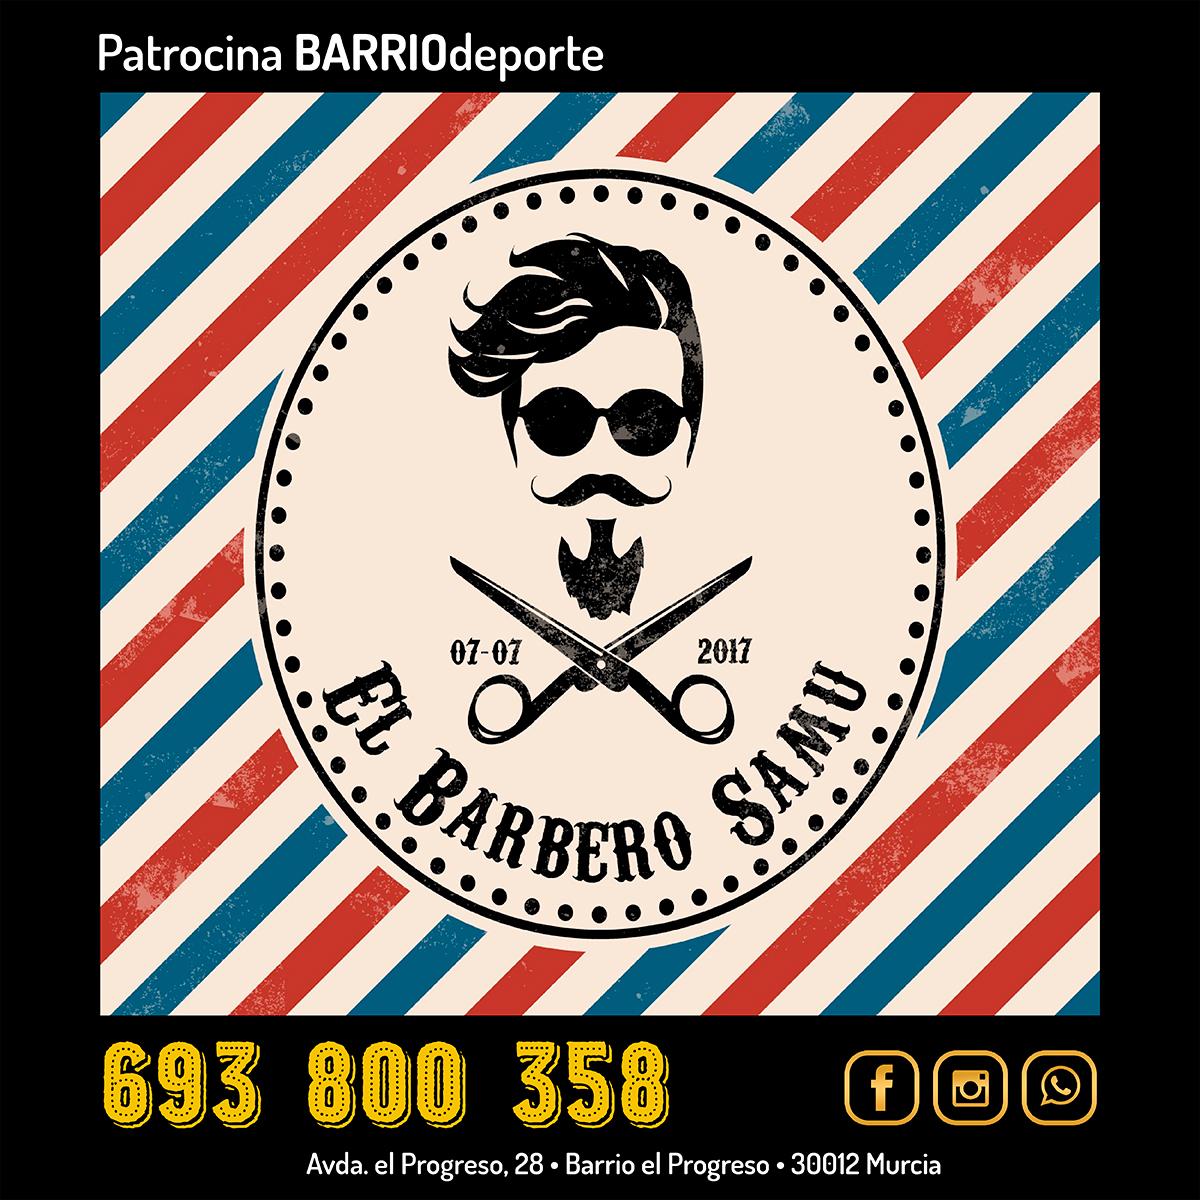 banner-barbero-samu